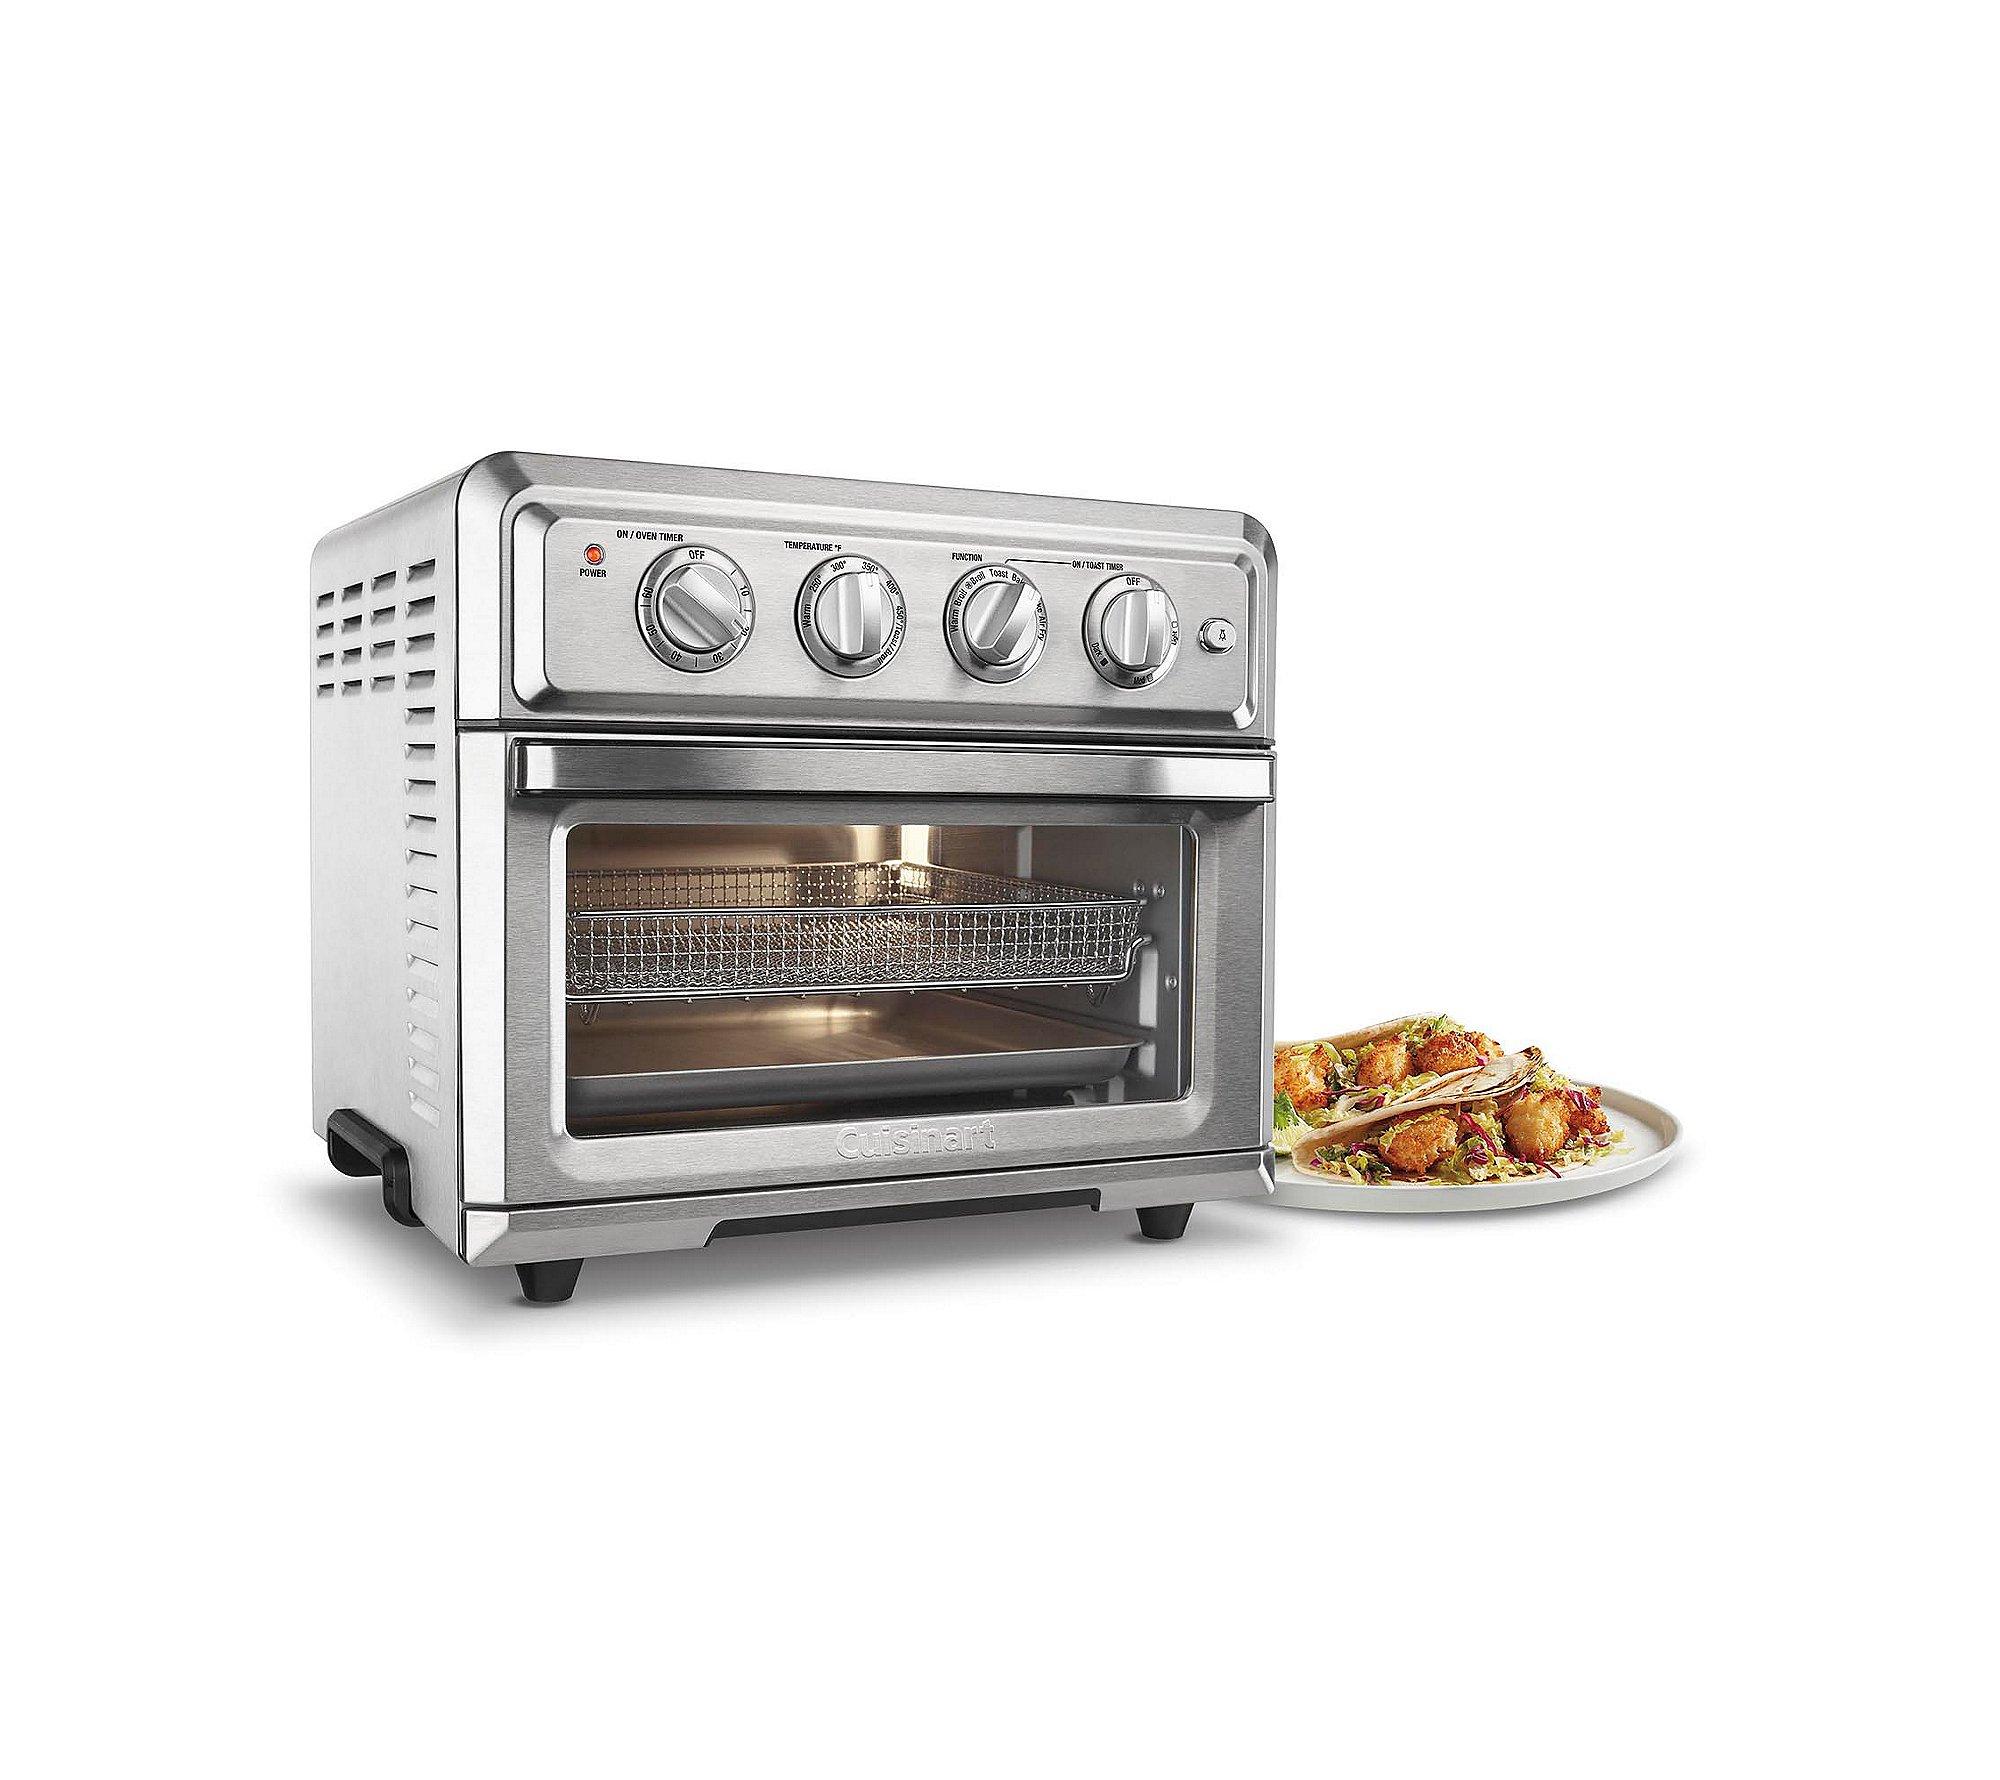 Cuisinart Air Fryer Toaster Oven 81jiSAOfsAL